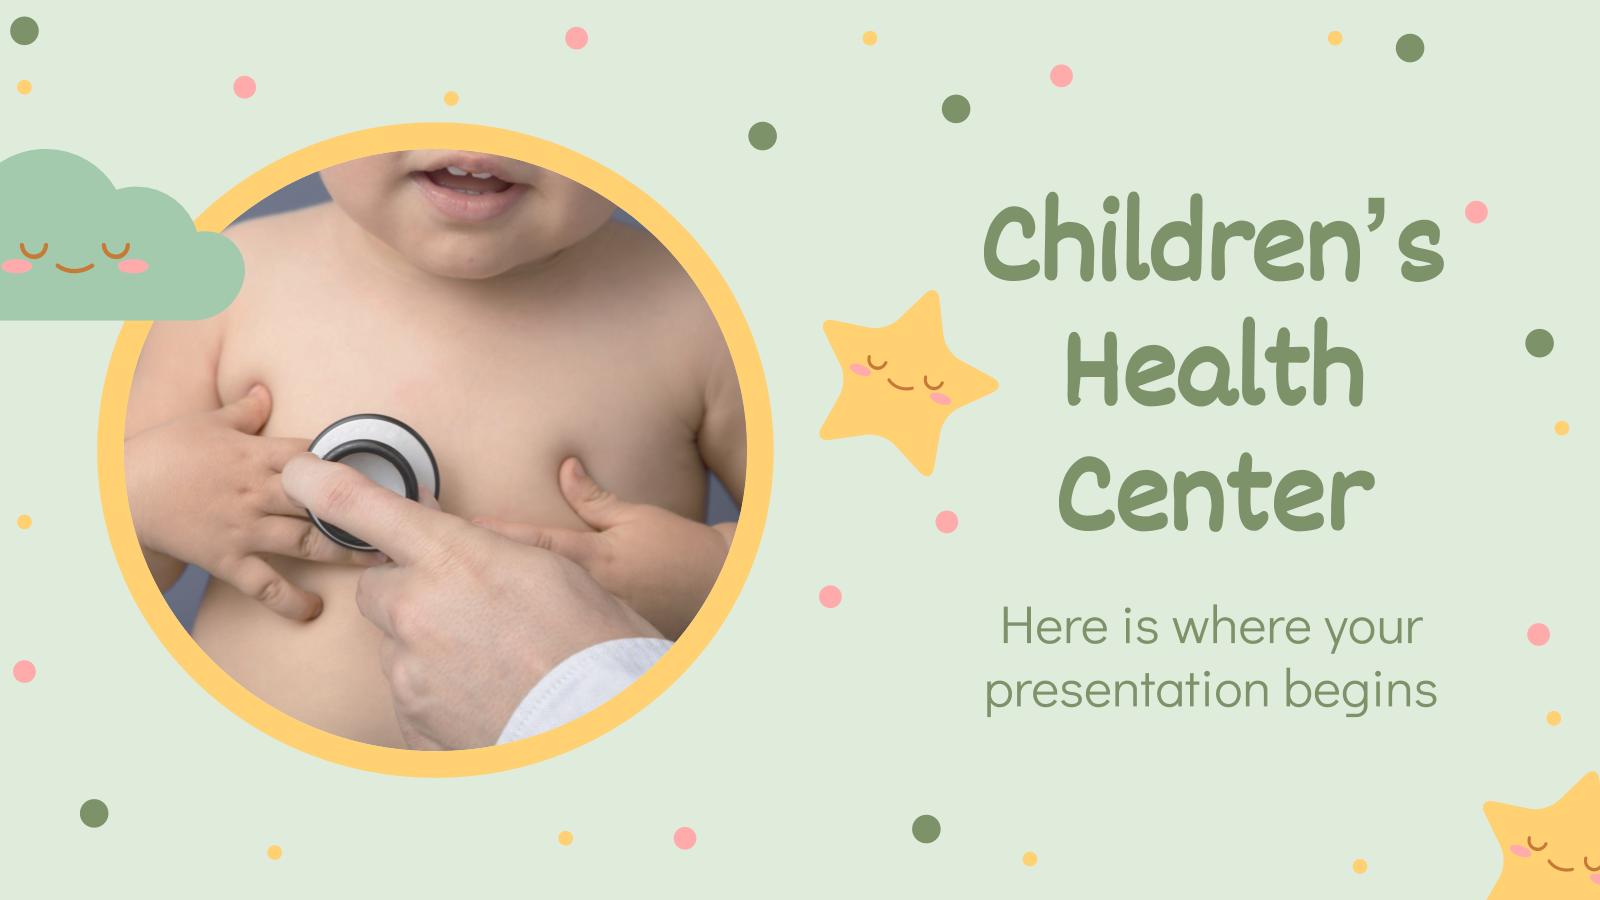 Children's Health Center presentation template